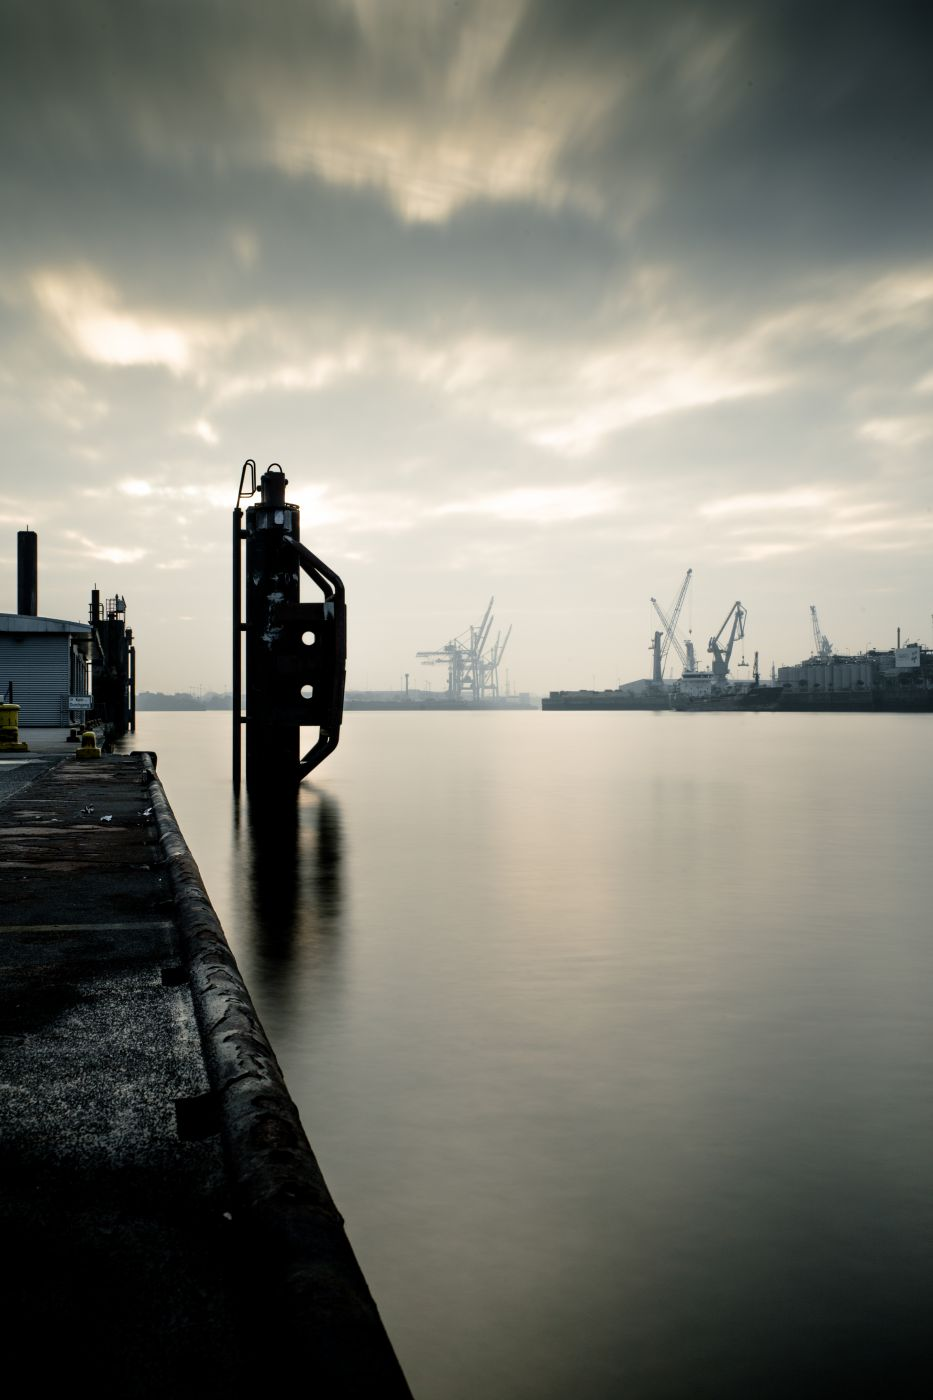 Hamburg Überseebrücke, Germany